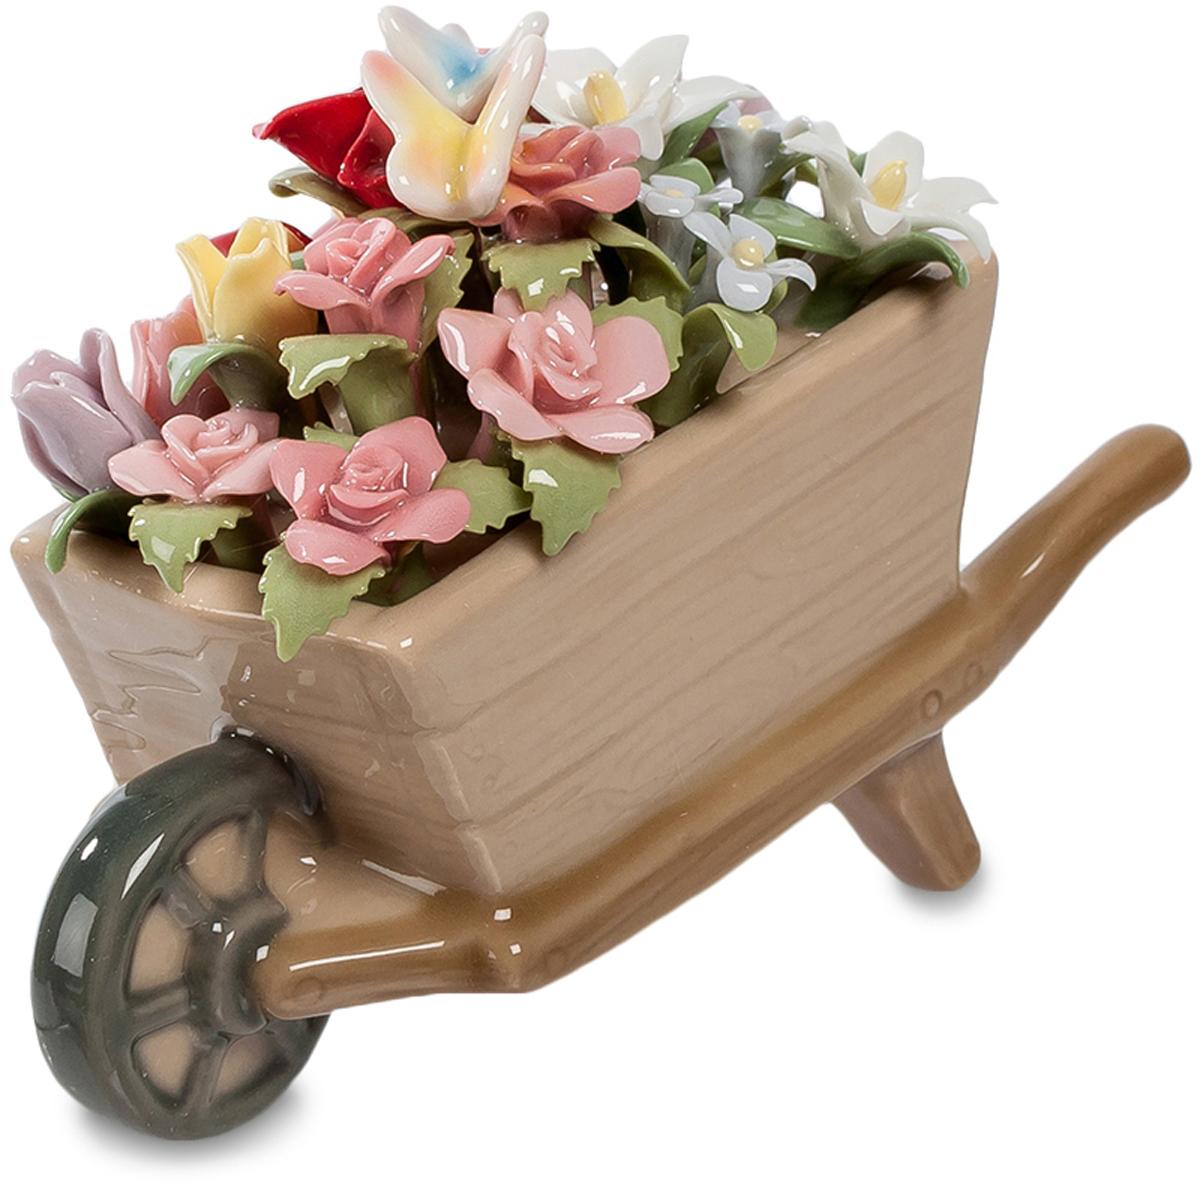 Композиция Pavone Тележка. Весенние цветы. CMS-33/43CMS-33/43Композиция тележка Весенние цветы (Pavone) Подарить букетик цветов – это, конечно, хорошо. Но не всегда хочется поступать так скромно: думая о легендарном миллионе алых роз, хочется собрать столько цветов, чтобы они даже в руках не поместились. И привезти их в тележке – все, какие удастся найти в саду! Вот она, эта тележка с цветами, деревянная, доверху наполненная цветами. Примечательно не только количество цветов, но и их материал: они выполнены из тончайшего фарфора, так что сразу им не понять, что это – не живая природа. Зато такая корзинка цветов будет стоять долго, цветы в ней не завянут, и каждое утро будут напоминать о том, кто их подарил – целую, хоть и маленькую, тележку.